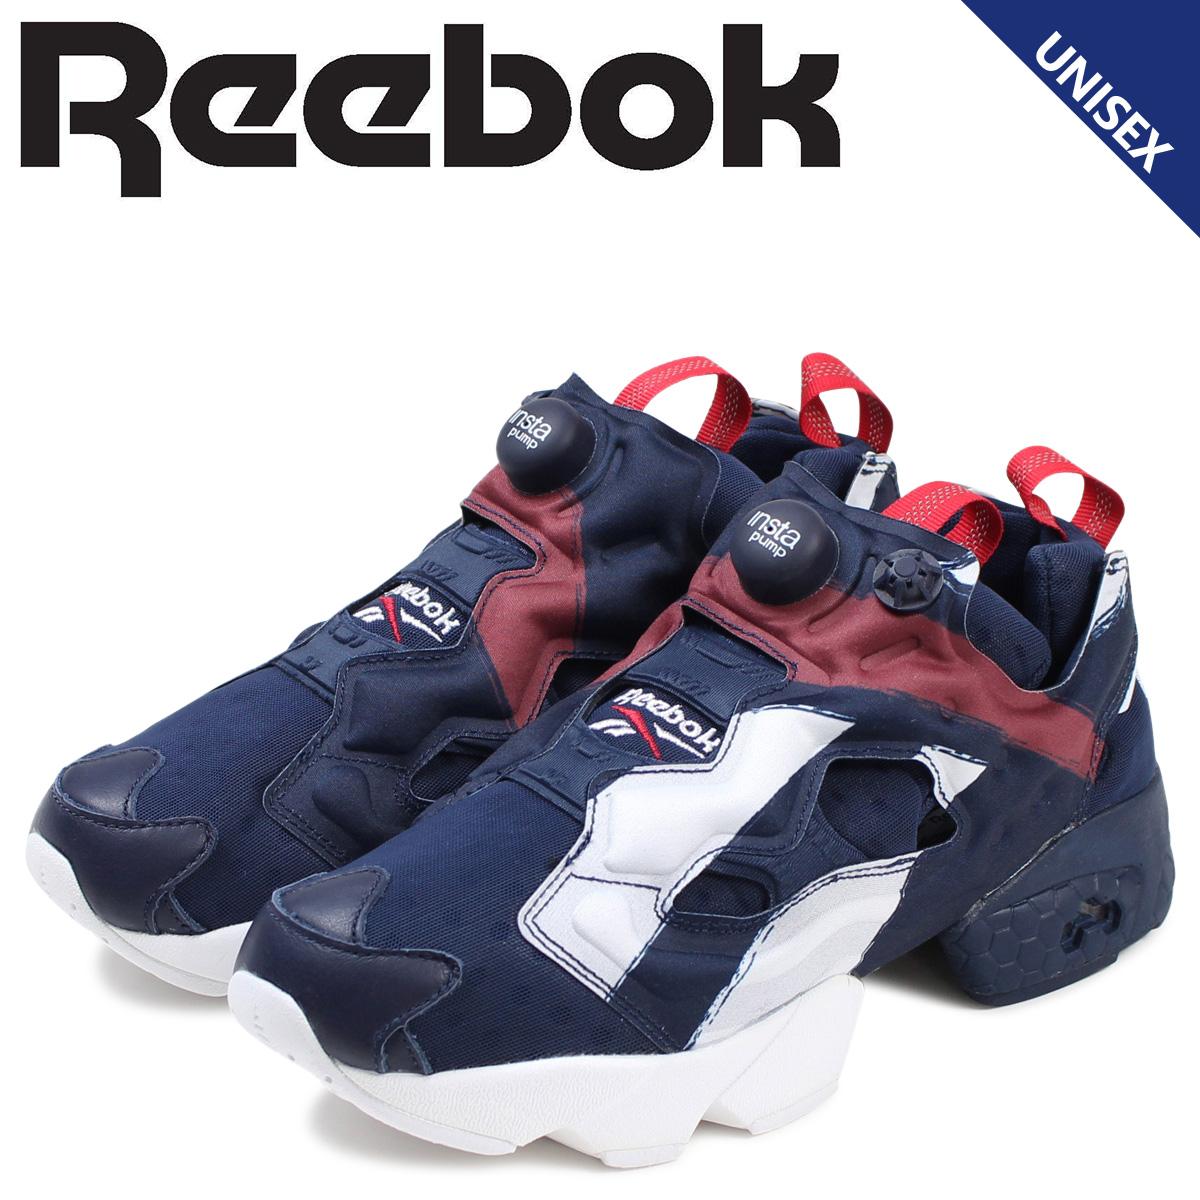 8f5c550f9 ALLSPORTS  Reebok Reebok pump fury sneakers INSTAPUMP FURY OB AR3197 ...